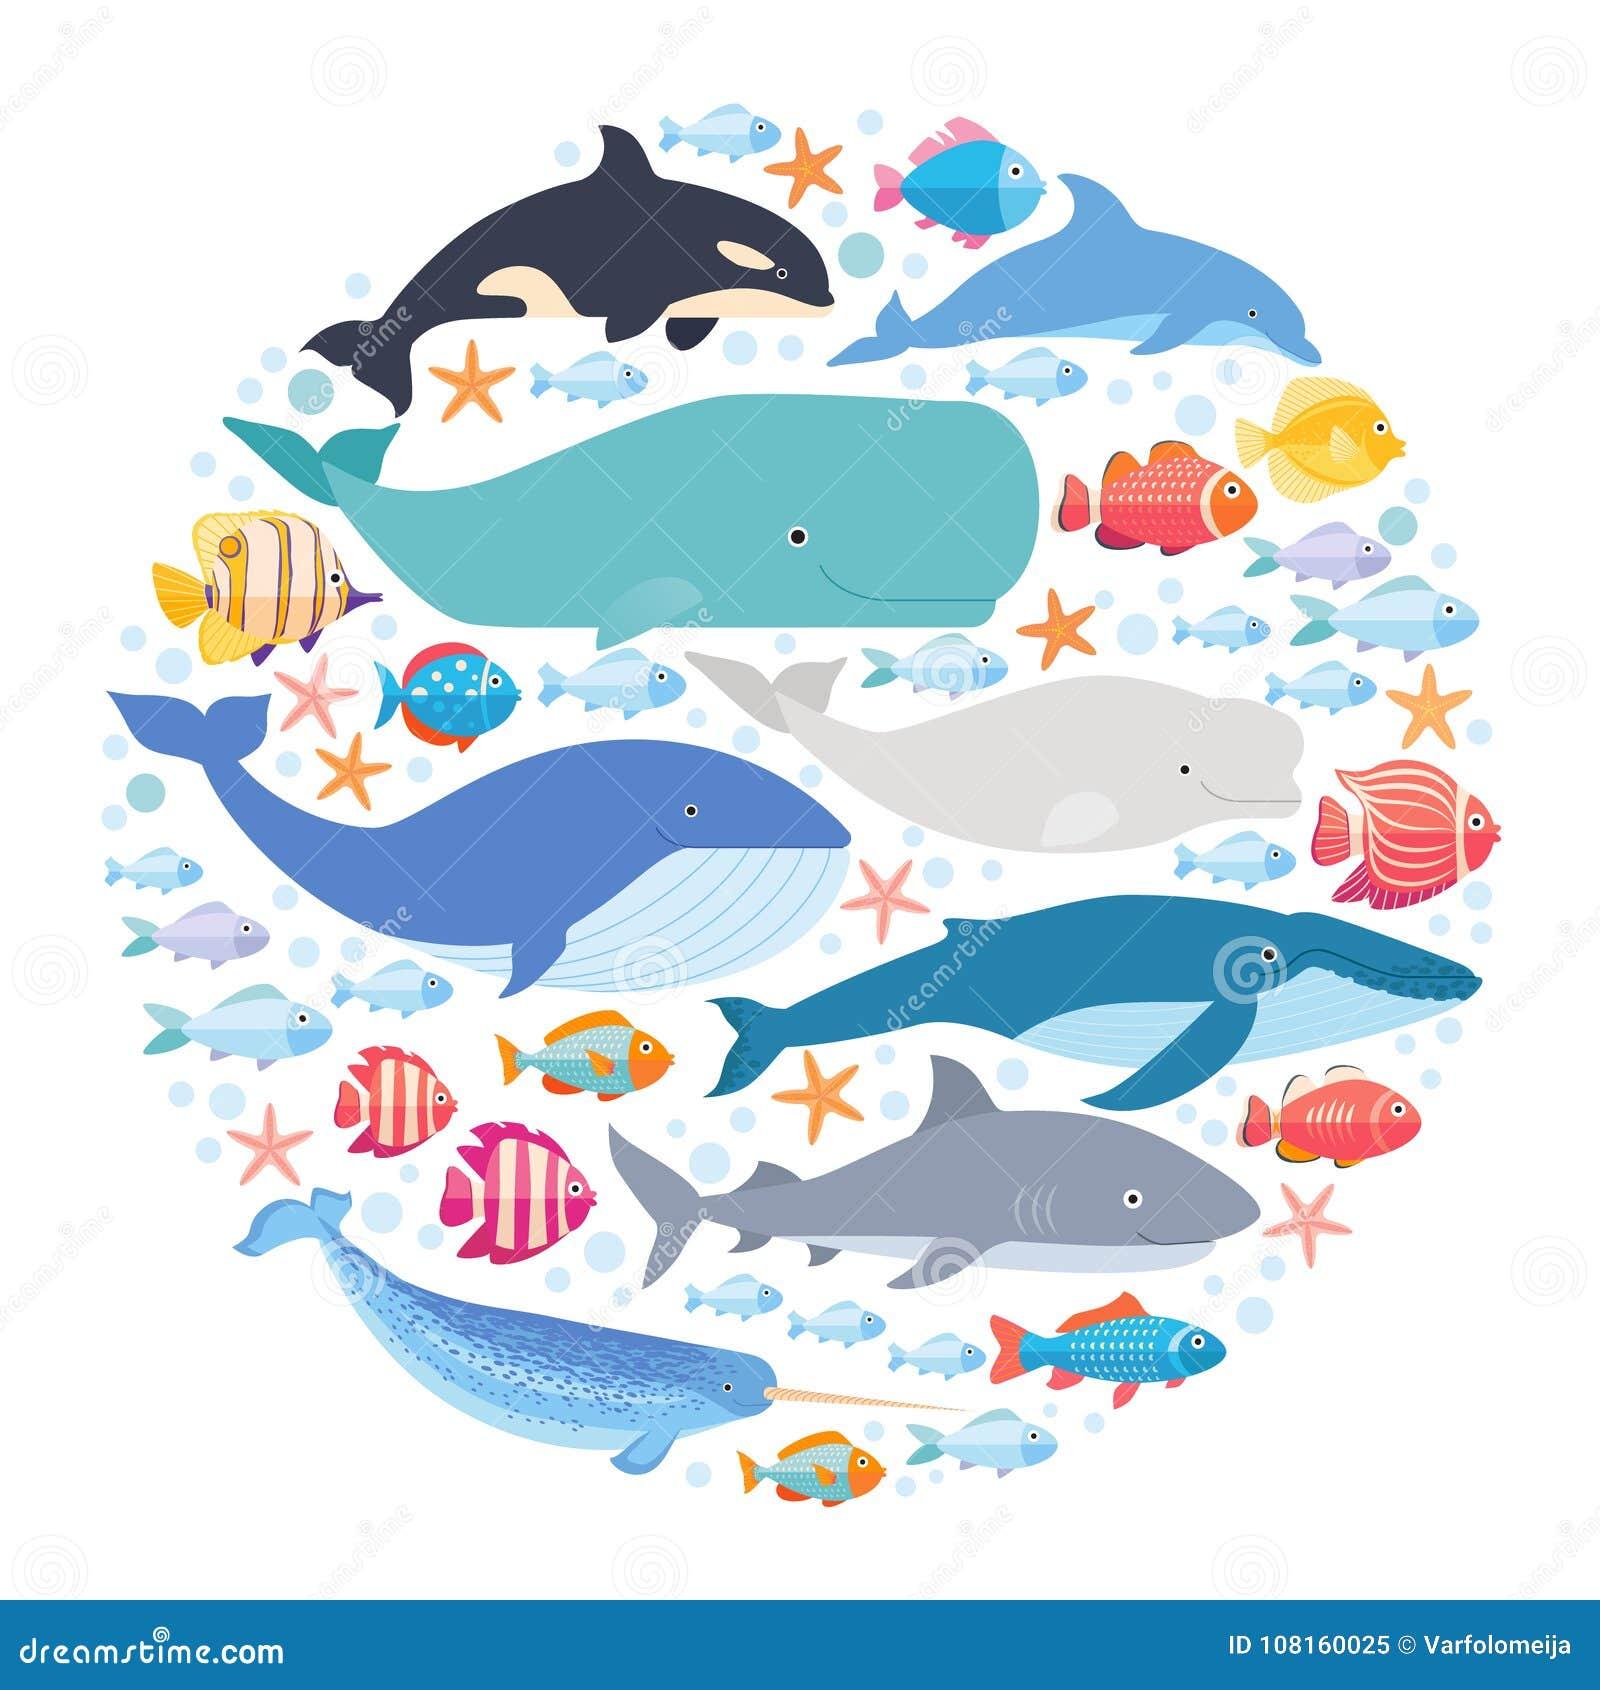 Meeressäugetiere und Fische eingestellt in Kreis Narwal, Blauwal, Delphin, Beluga, Buckelwal, Bowhead und Samenzellen